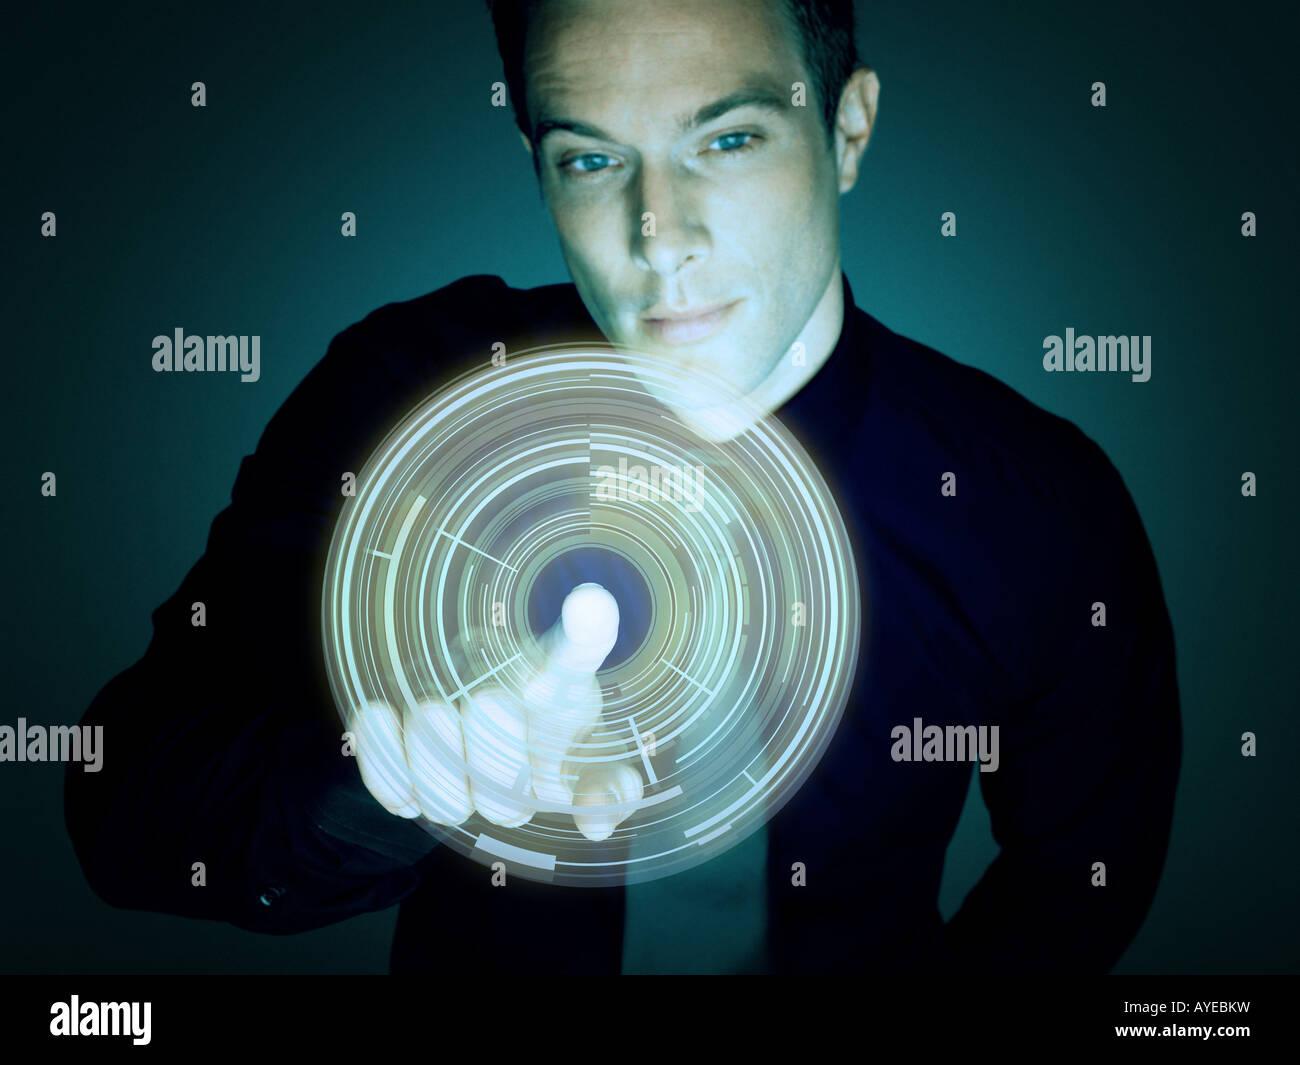 Man touching circle - Stock Image